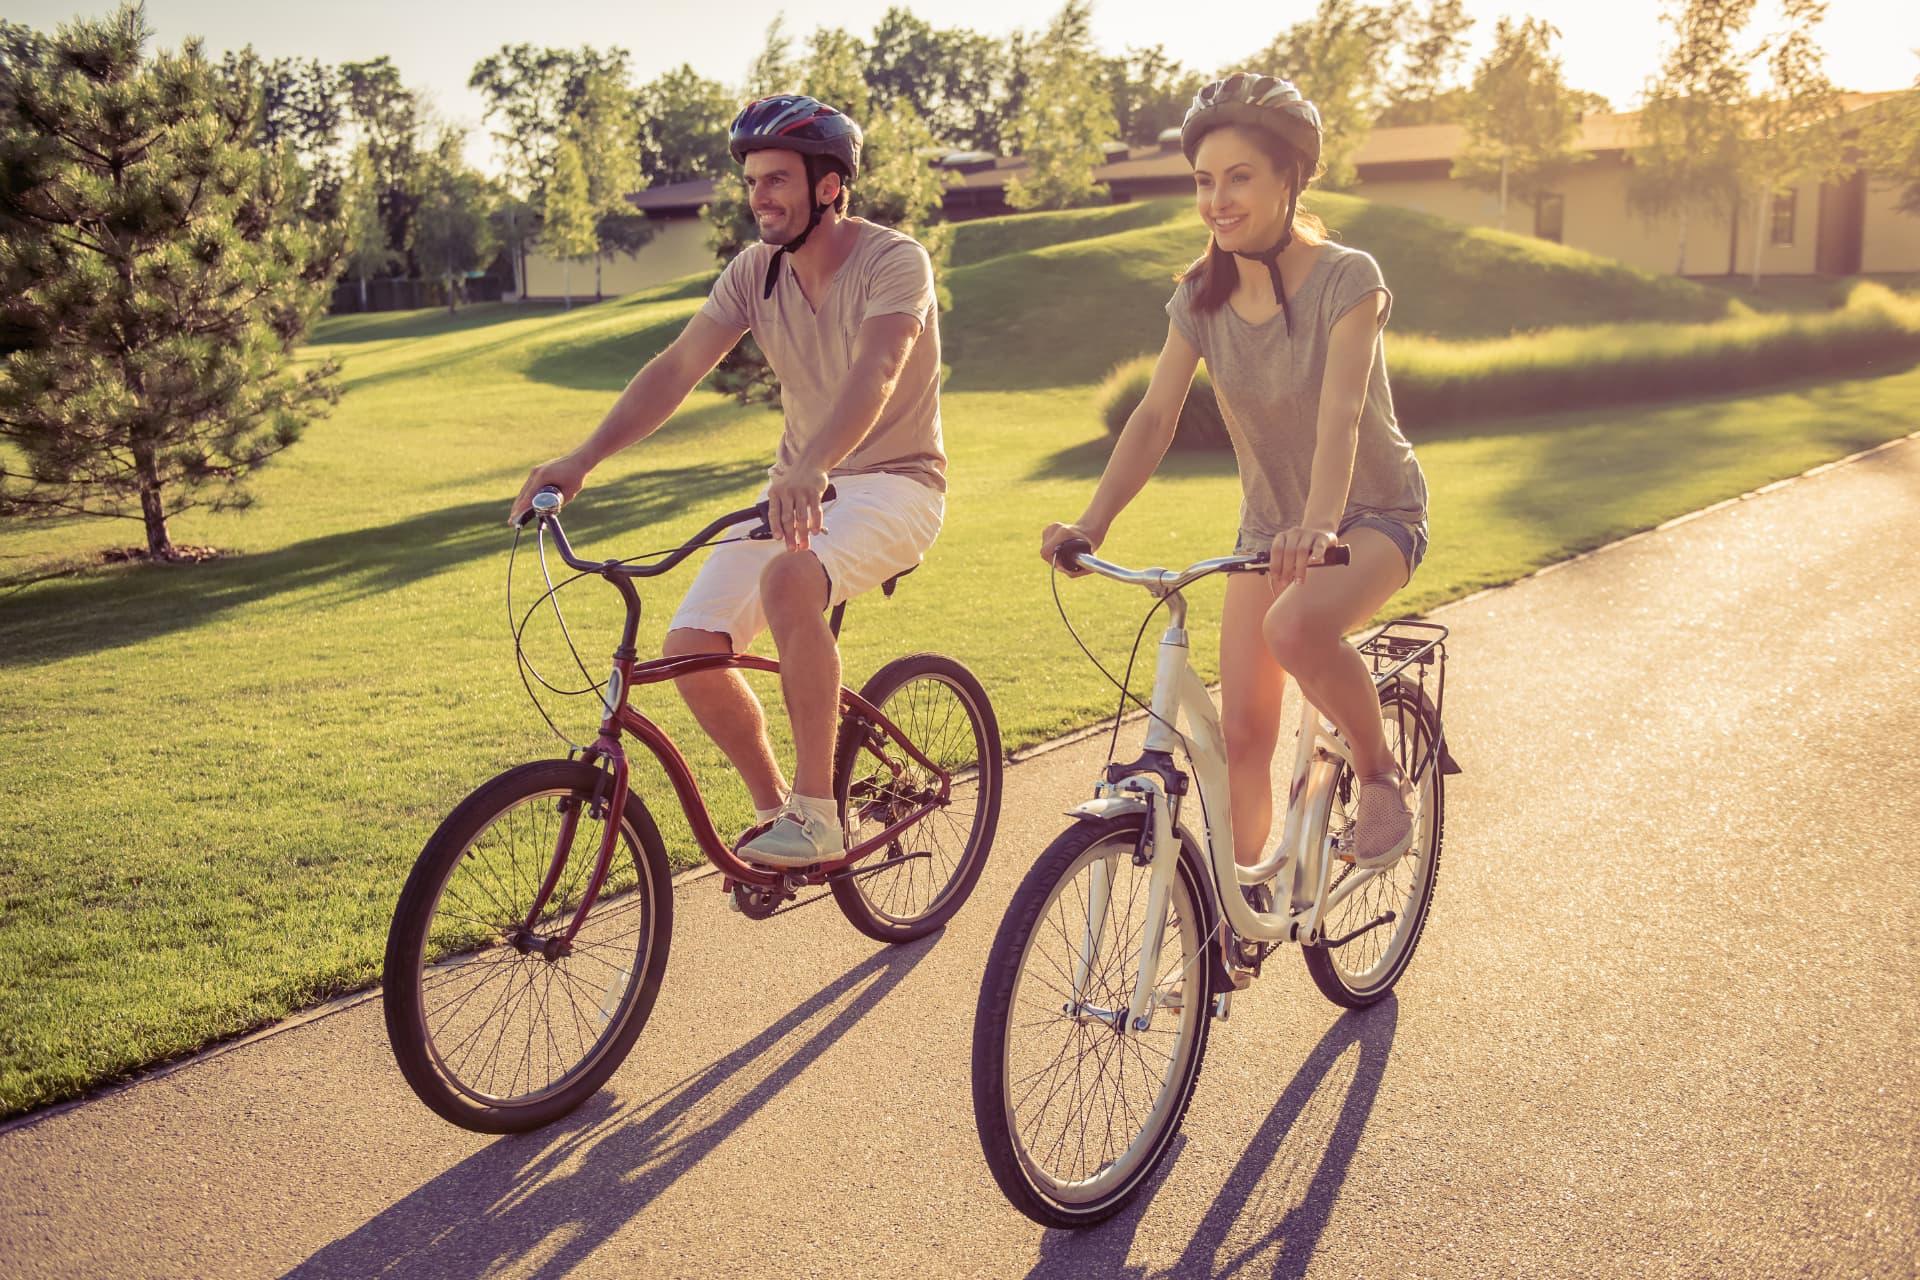 akcesoria do roweru miejskiego dla niej i dla niego